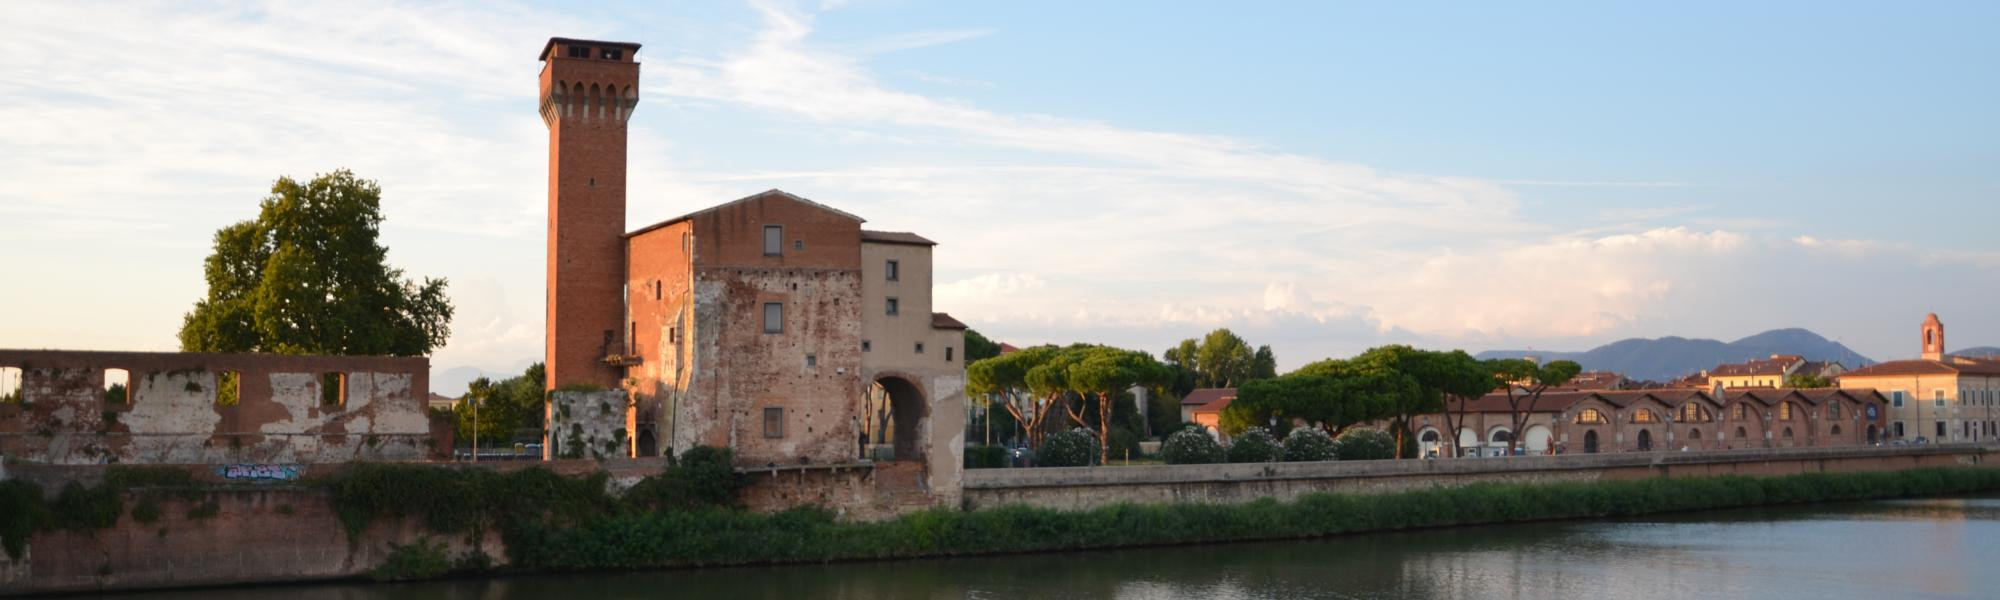 Cittadella Vecchia (l. Corevi, Comune di Pisa)